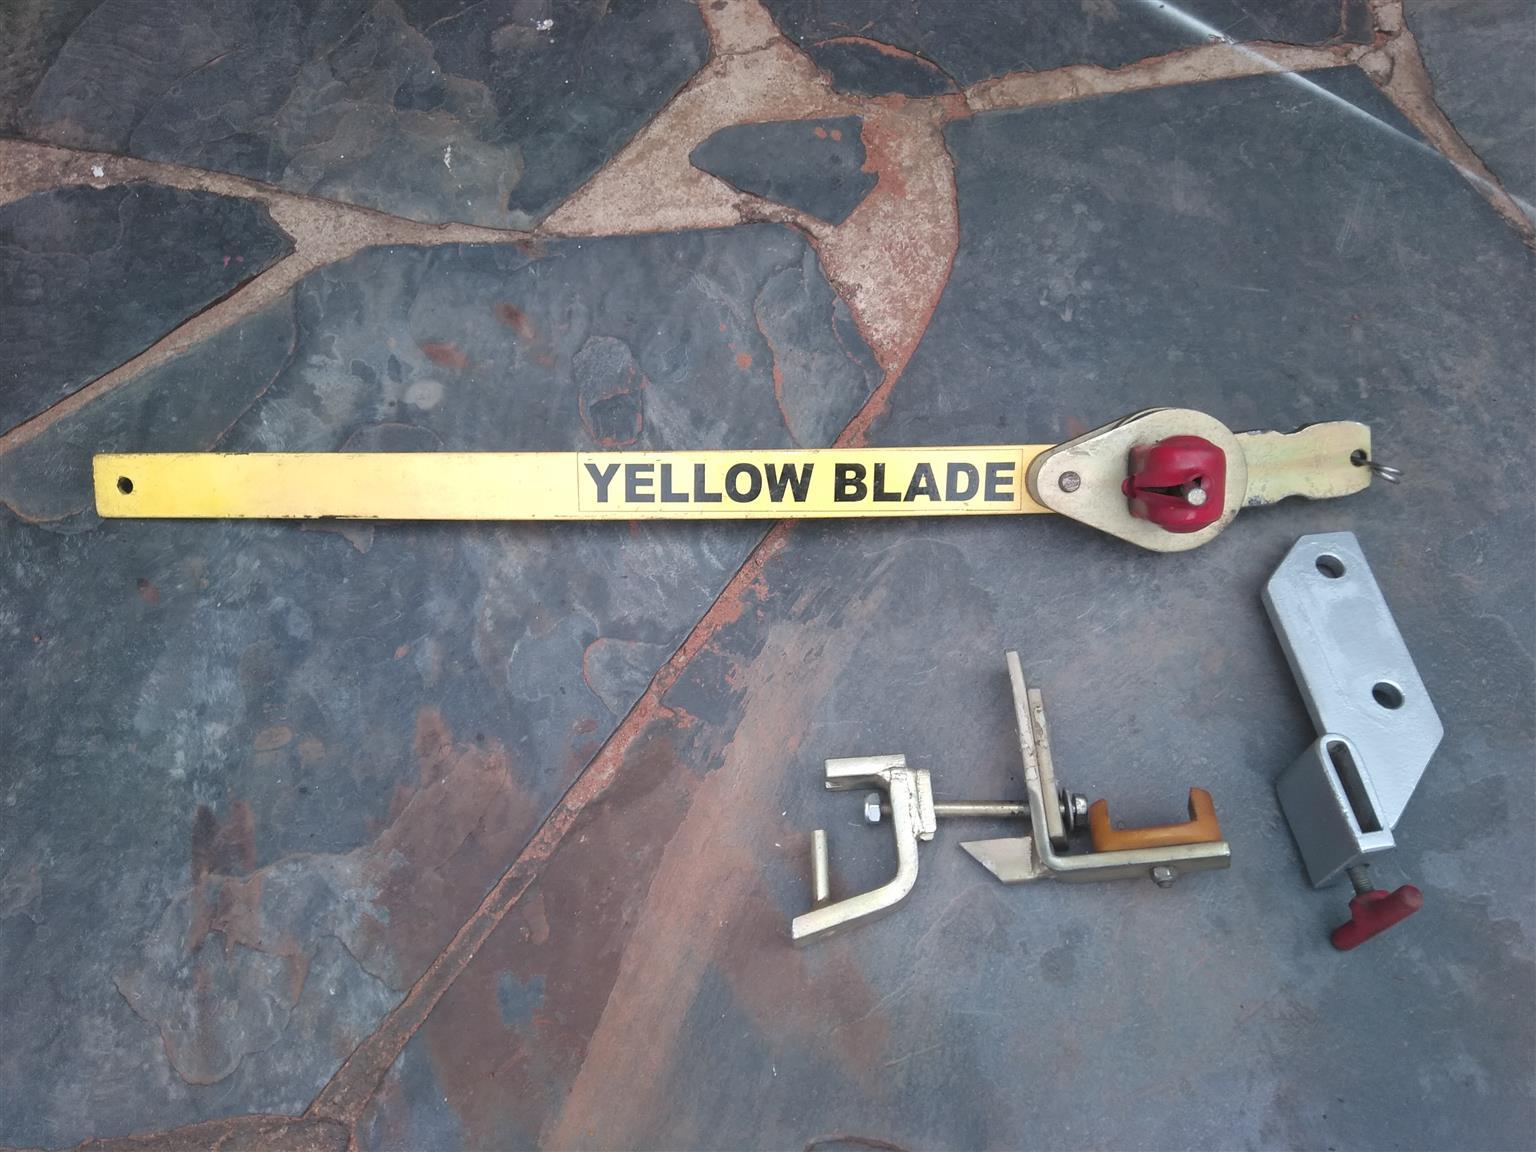 Yellowblade Stabiliser